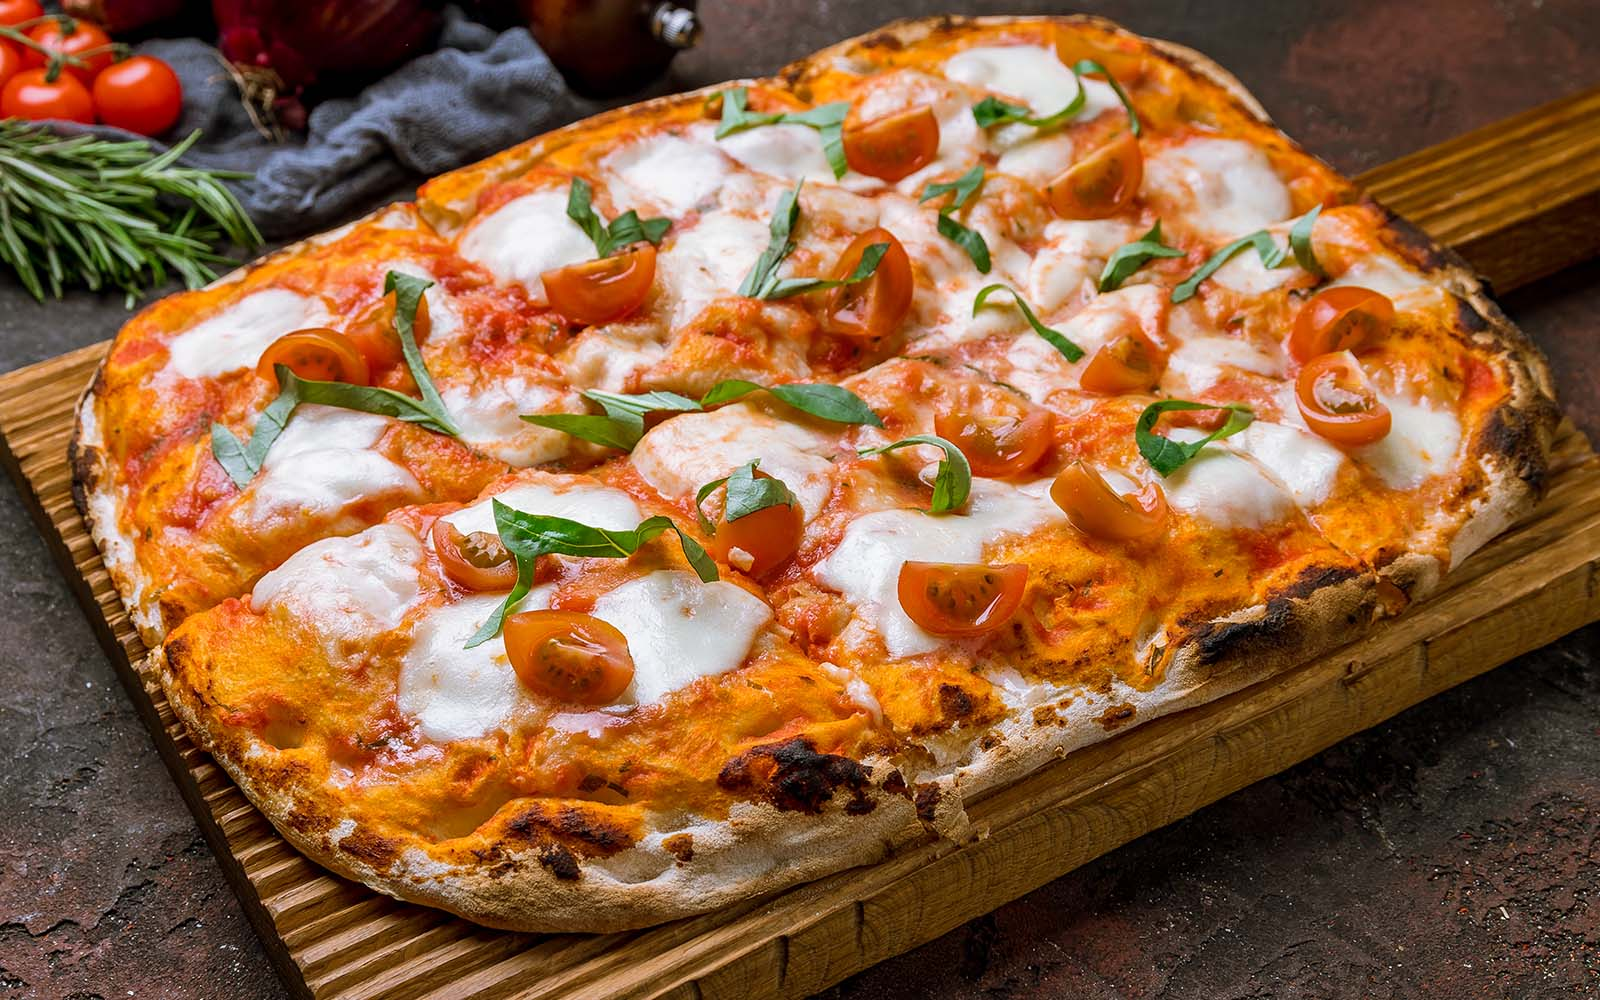 pizza-in-teglia-alla-romana:-tutti-i-passaggi-per-farla-davvero-bene